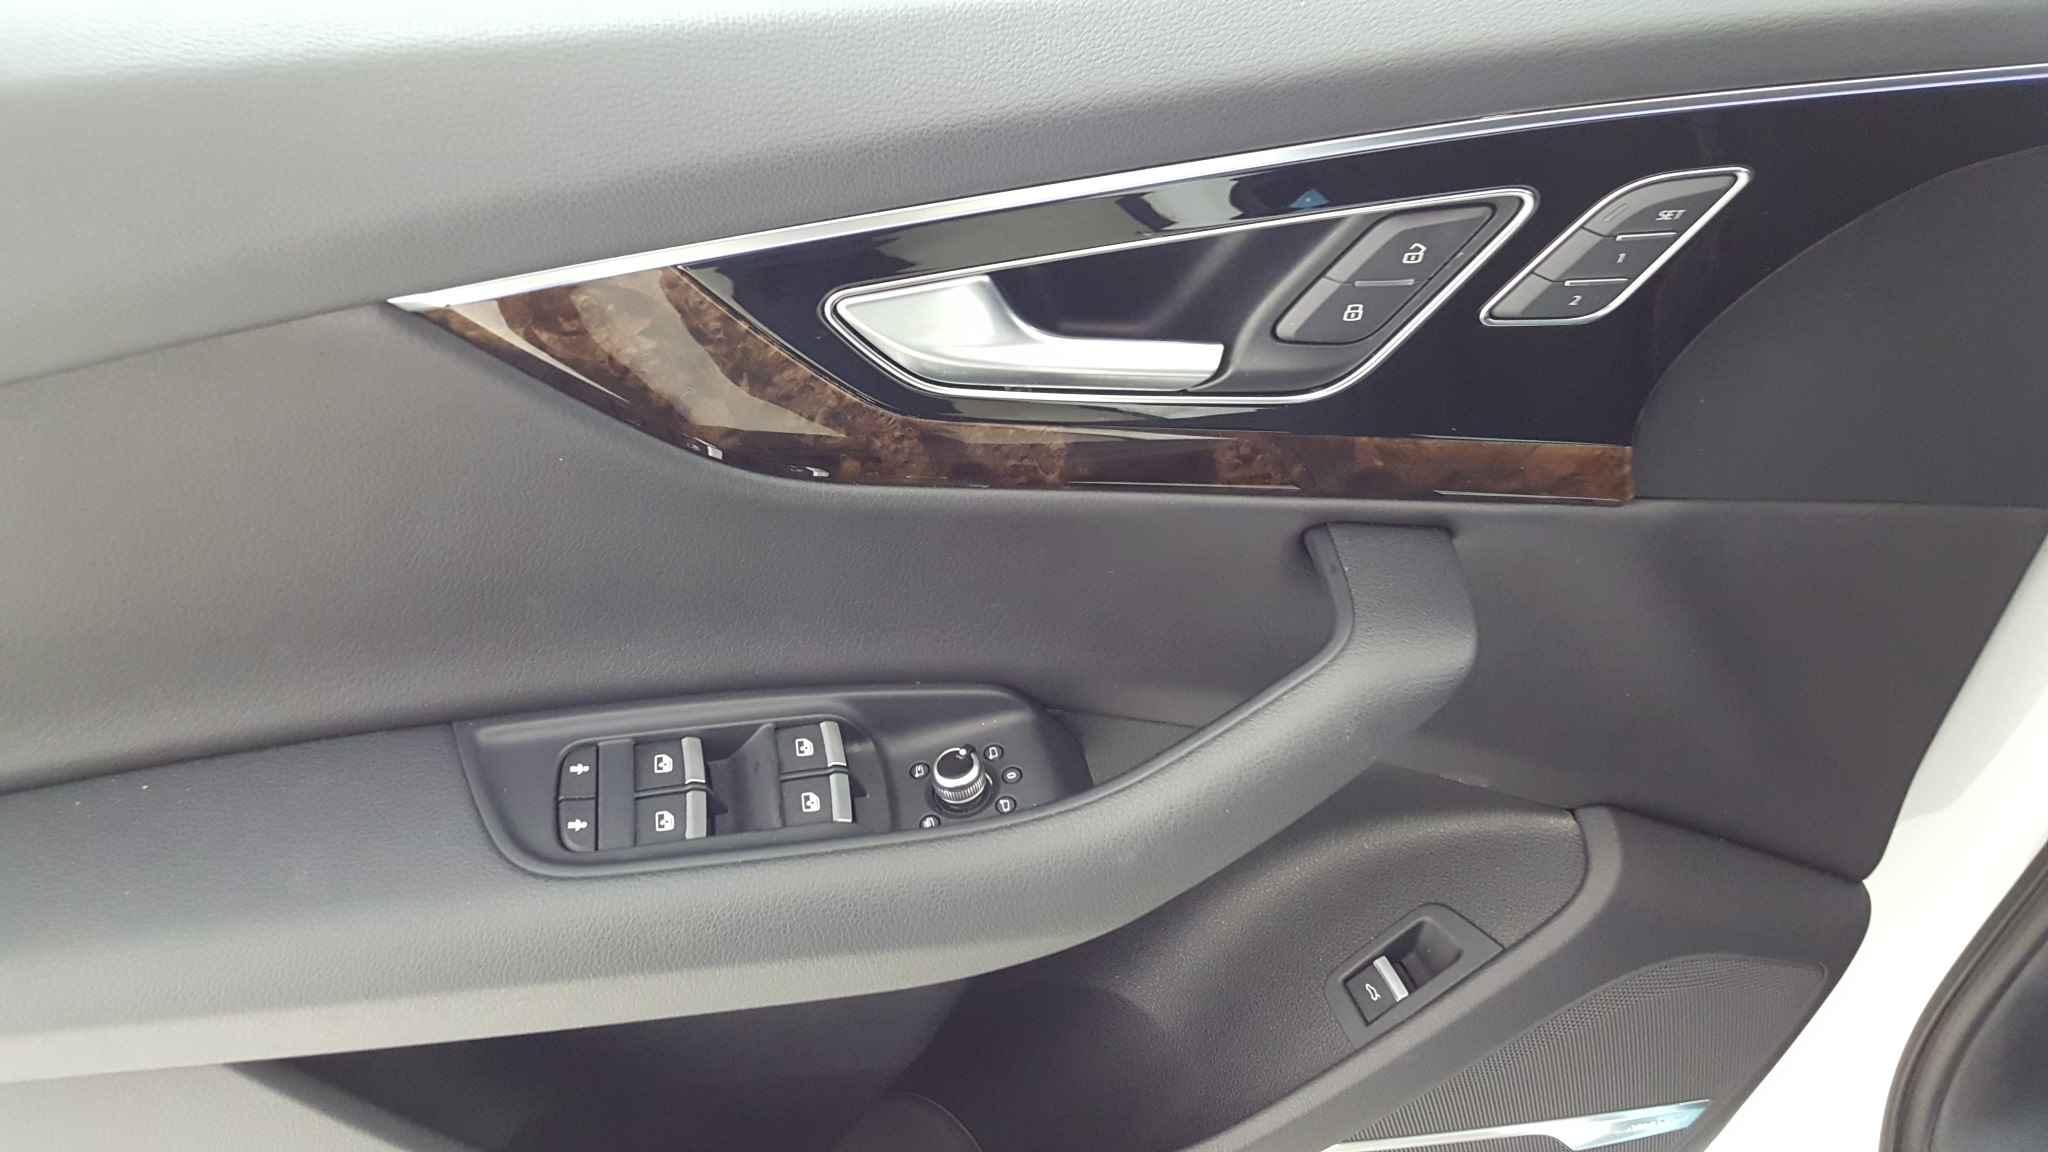 Used 2018 Audi Q7 Premium Plus near Glenview IL Golf Mill Ford